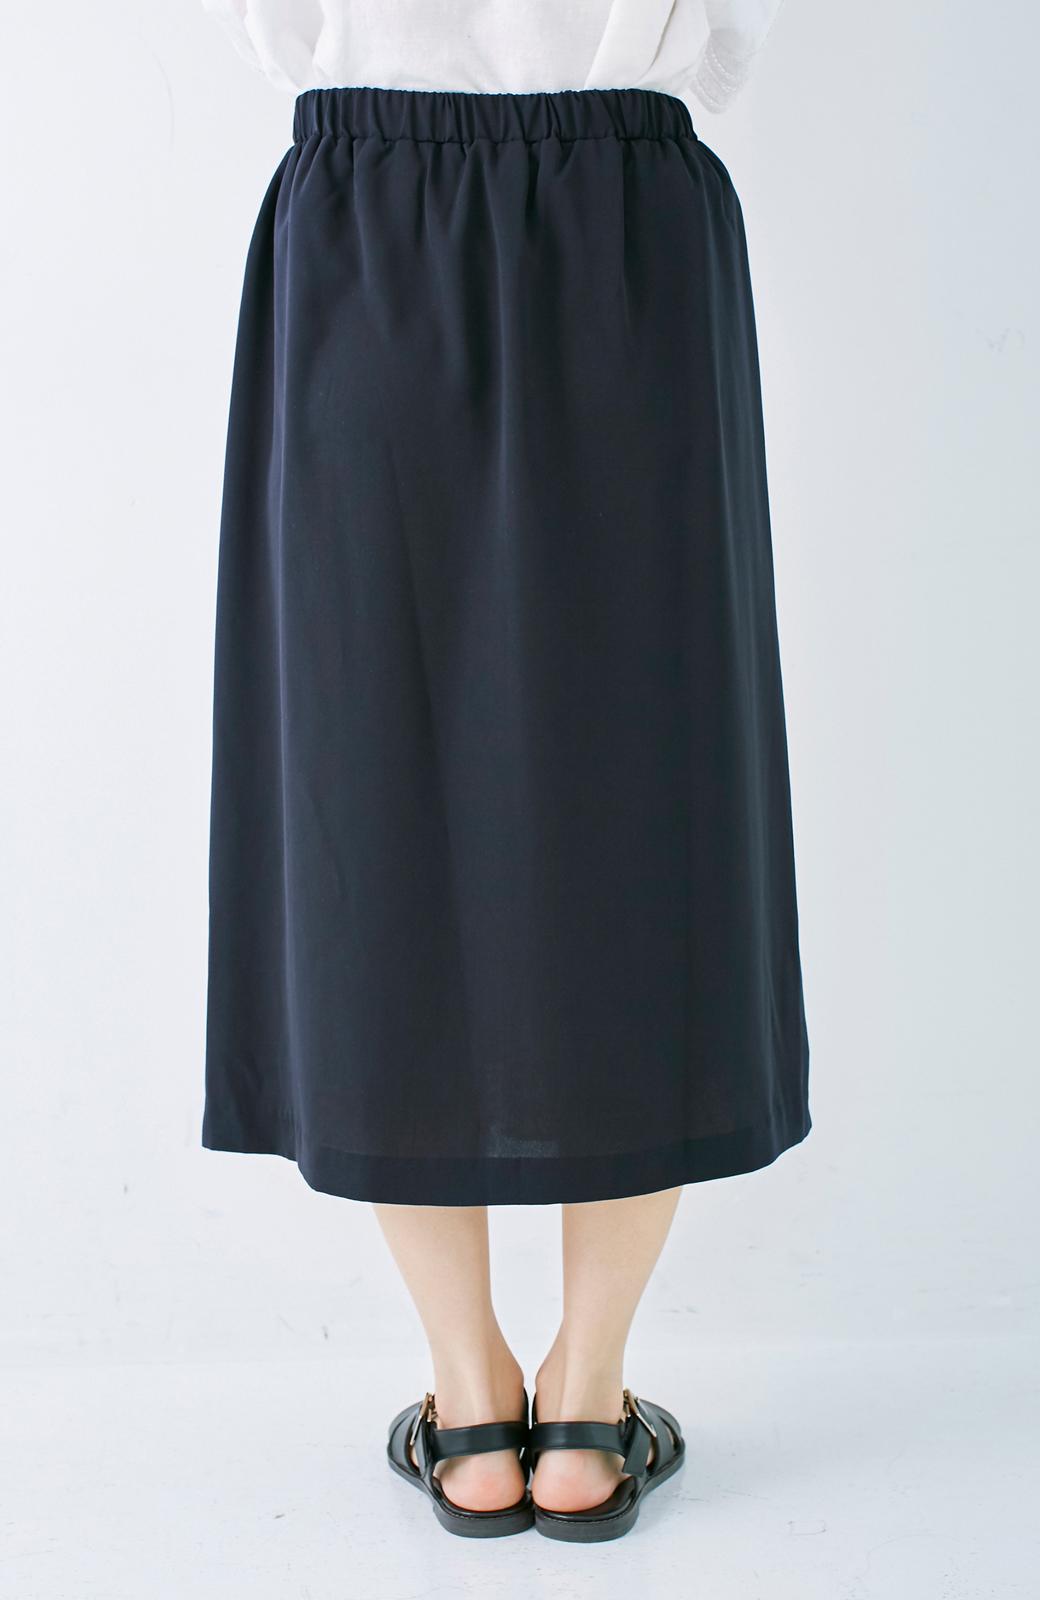 エムトロワ 大人っぽく柄を楽しめる 花柄&カラーコンビのフレアースカート <ネイビー>の商品写真6